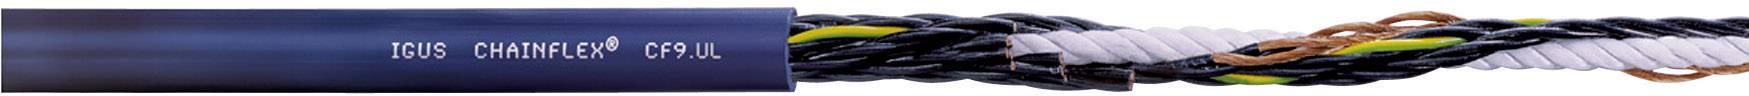 Řídicí kabelové vedení igus Chainflex® (CF9.05.12), 12x 0,5 mm², elastomer, Ø 9,5 mm, nestíněný, 1 m, modrá